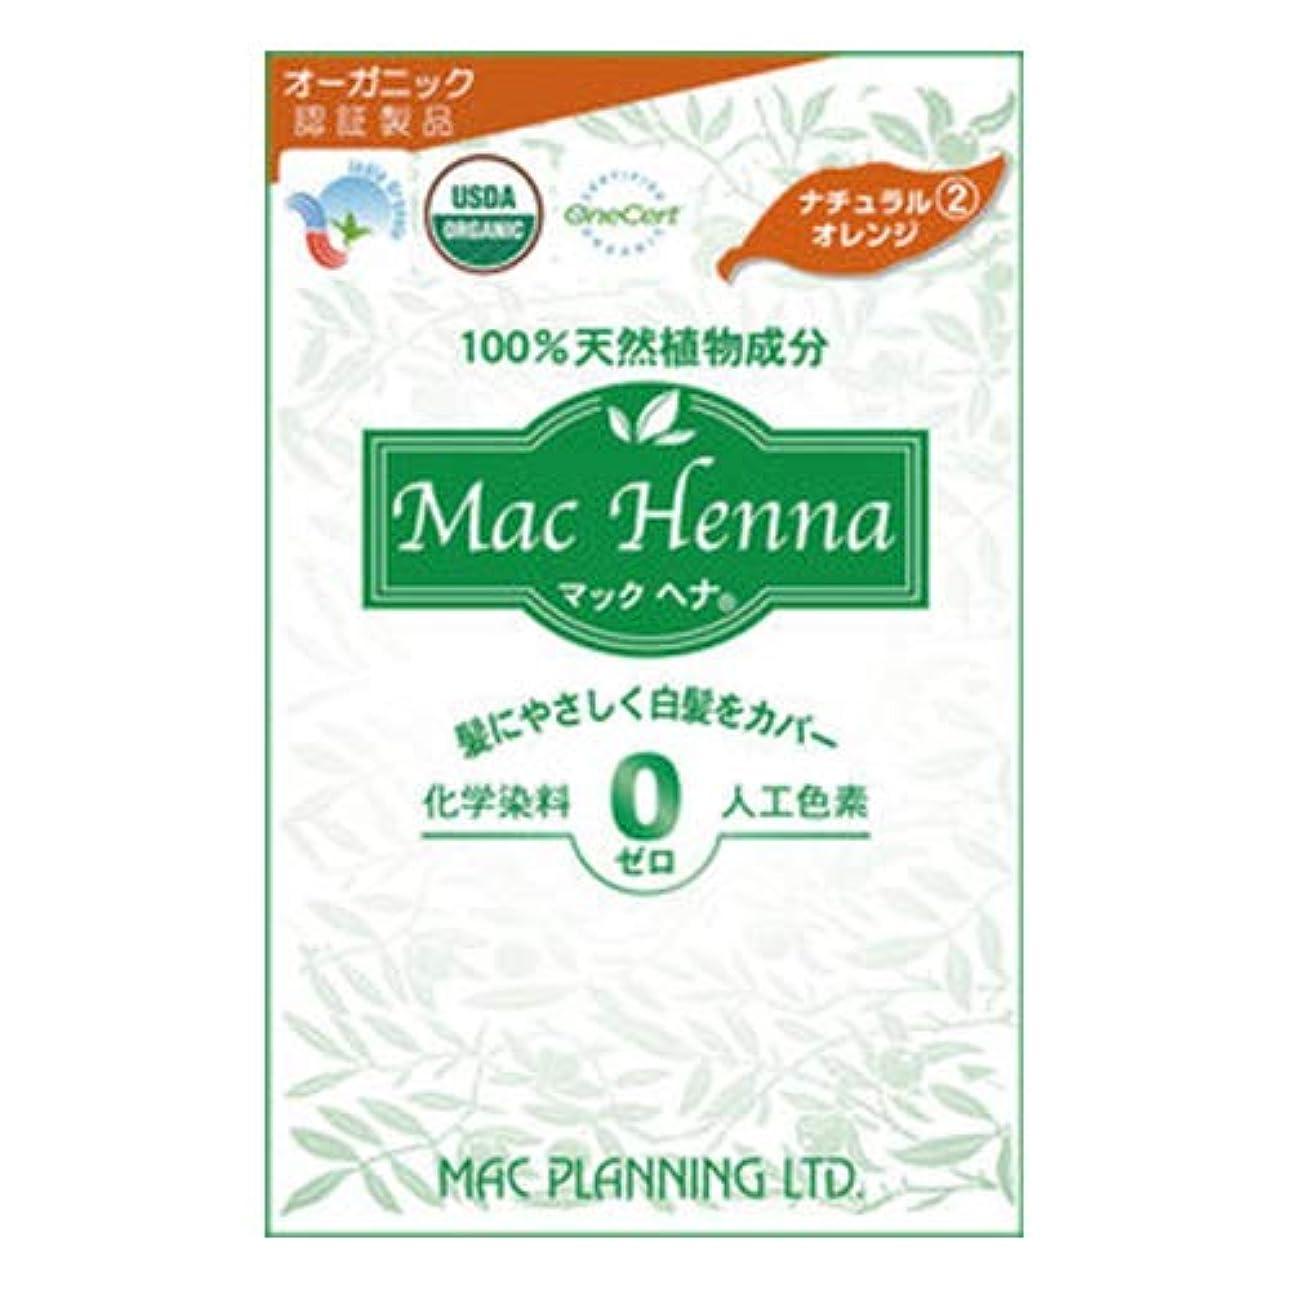 人差し指こするプライバシーマックヘナ(ナチュラルオレンジ) 100g